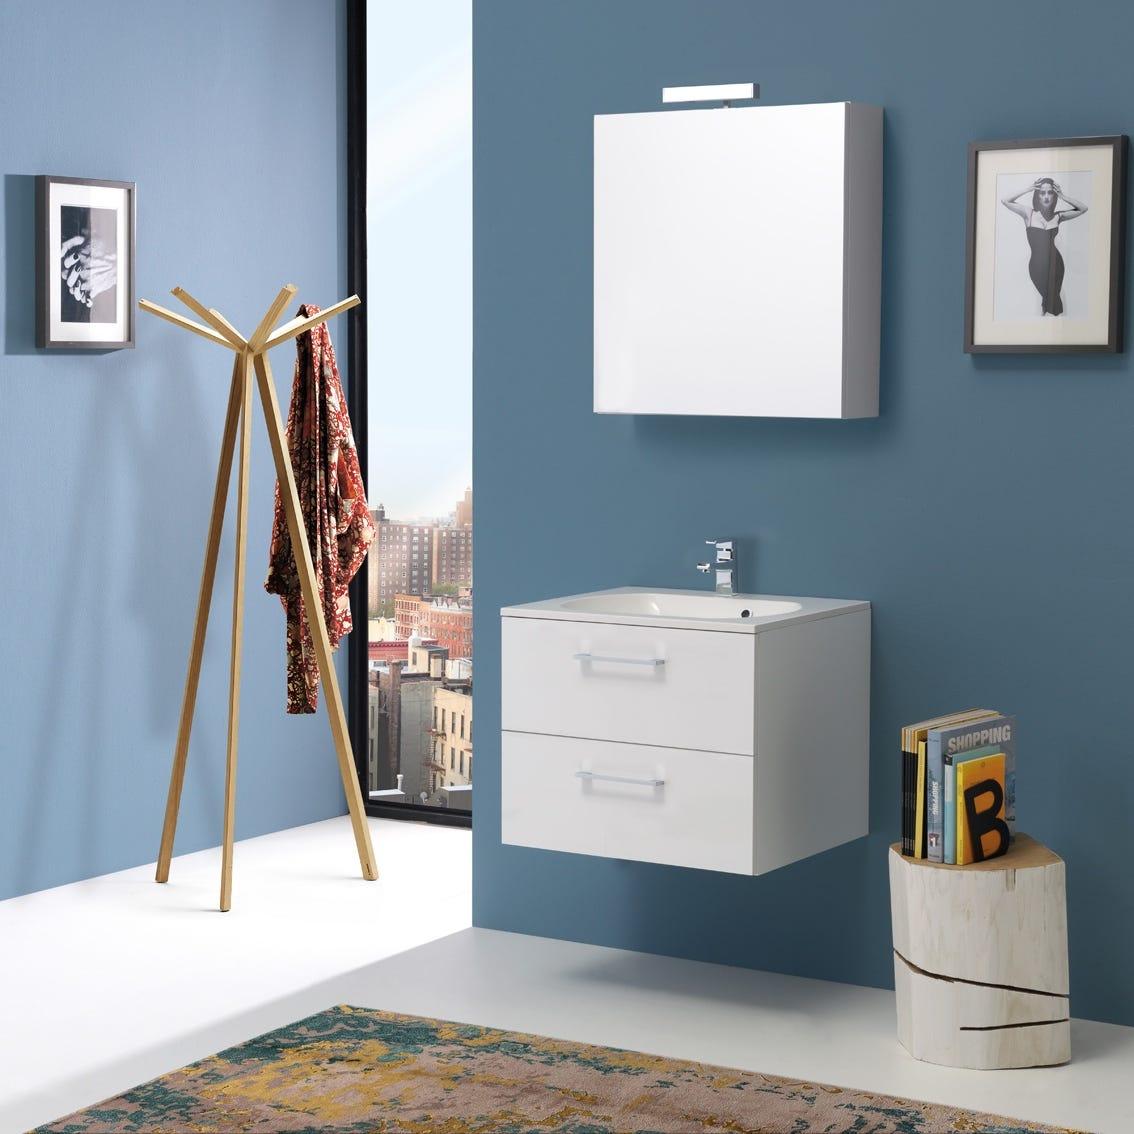 Mobile bagno larghezza 60 cm laccato bianco lucido con for Larghezza mobile bagno